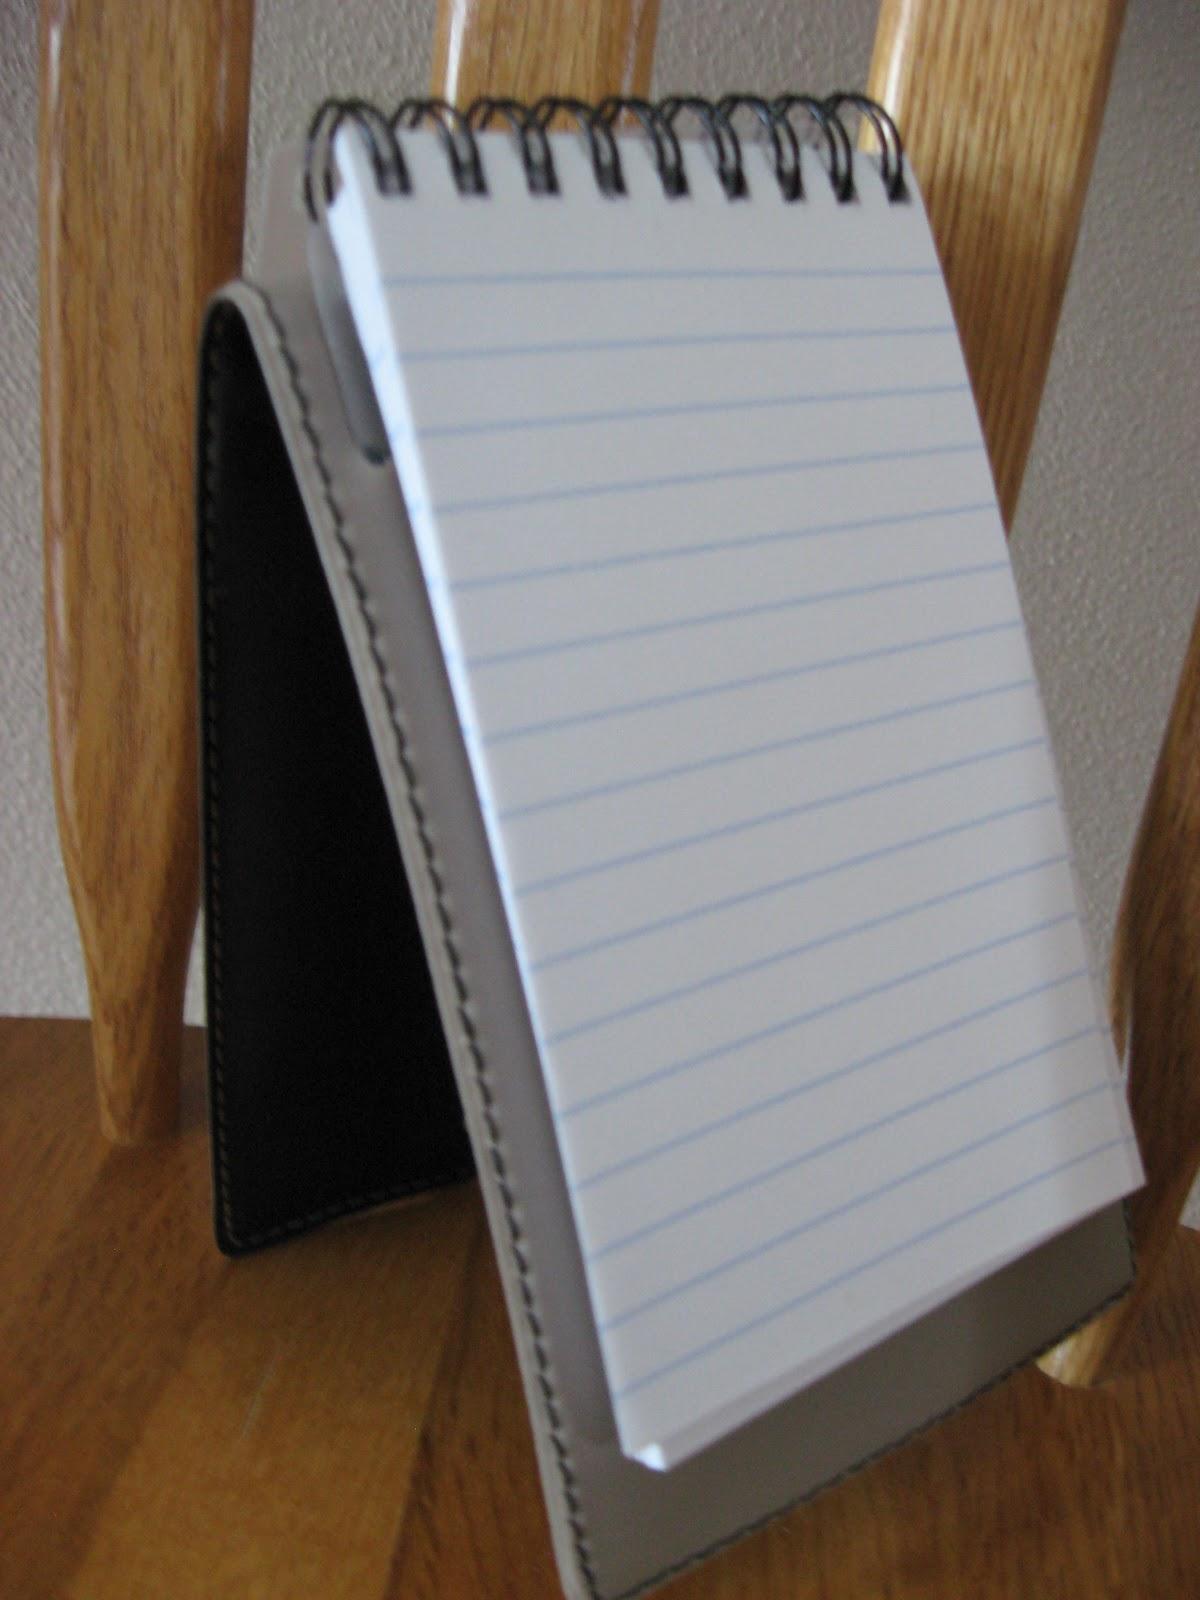 worksheet Serenity Prayer Worksheet time for serenity the prayer worksheet worksheet